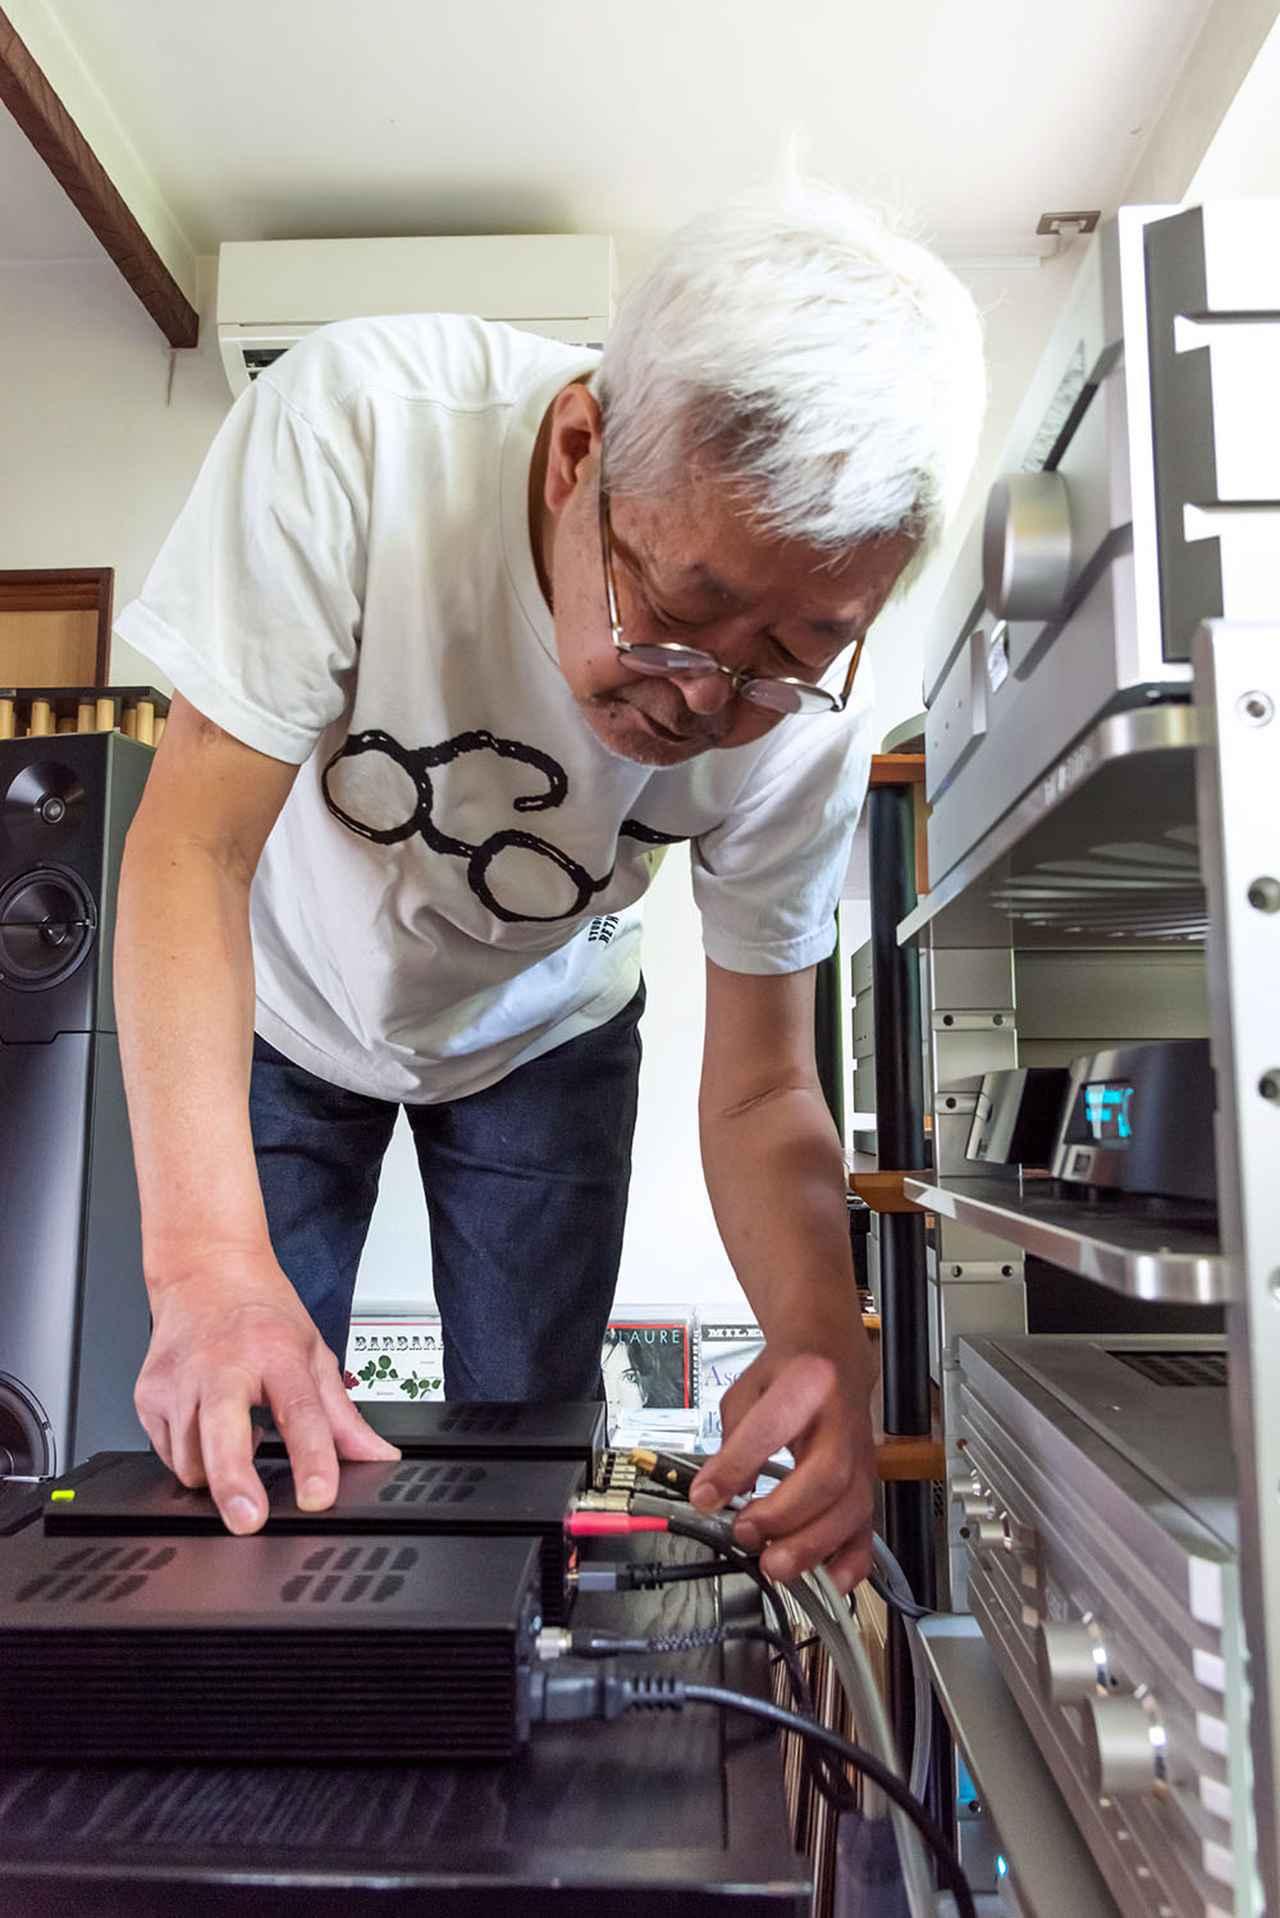 画像: 和田さんは普段、ネットワークプレーヤー、ルーミン「X1」のデジタル出力をソウルノートのSACD/CDプレーヤー「S-3」の外部USB入力につないでハイレゾ等を再生している。今回はX1とS-3の間にtX-USBultraをつないで、音質がどう変化するかを確認した